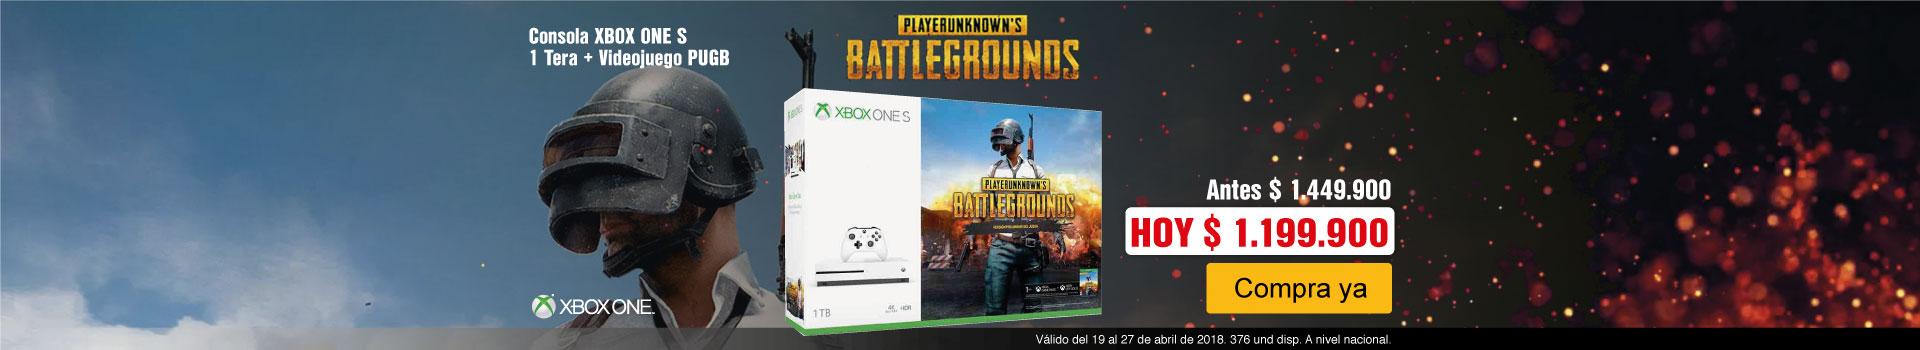 AK-KT-BCAT-12-videojuegos-PP---Xboxone-pubg-Abr22